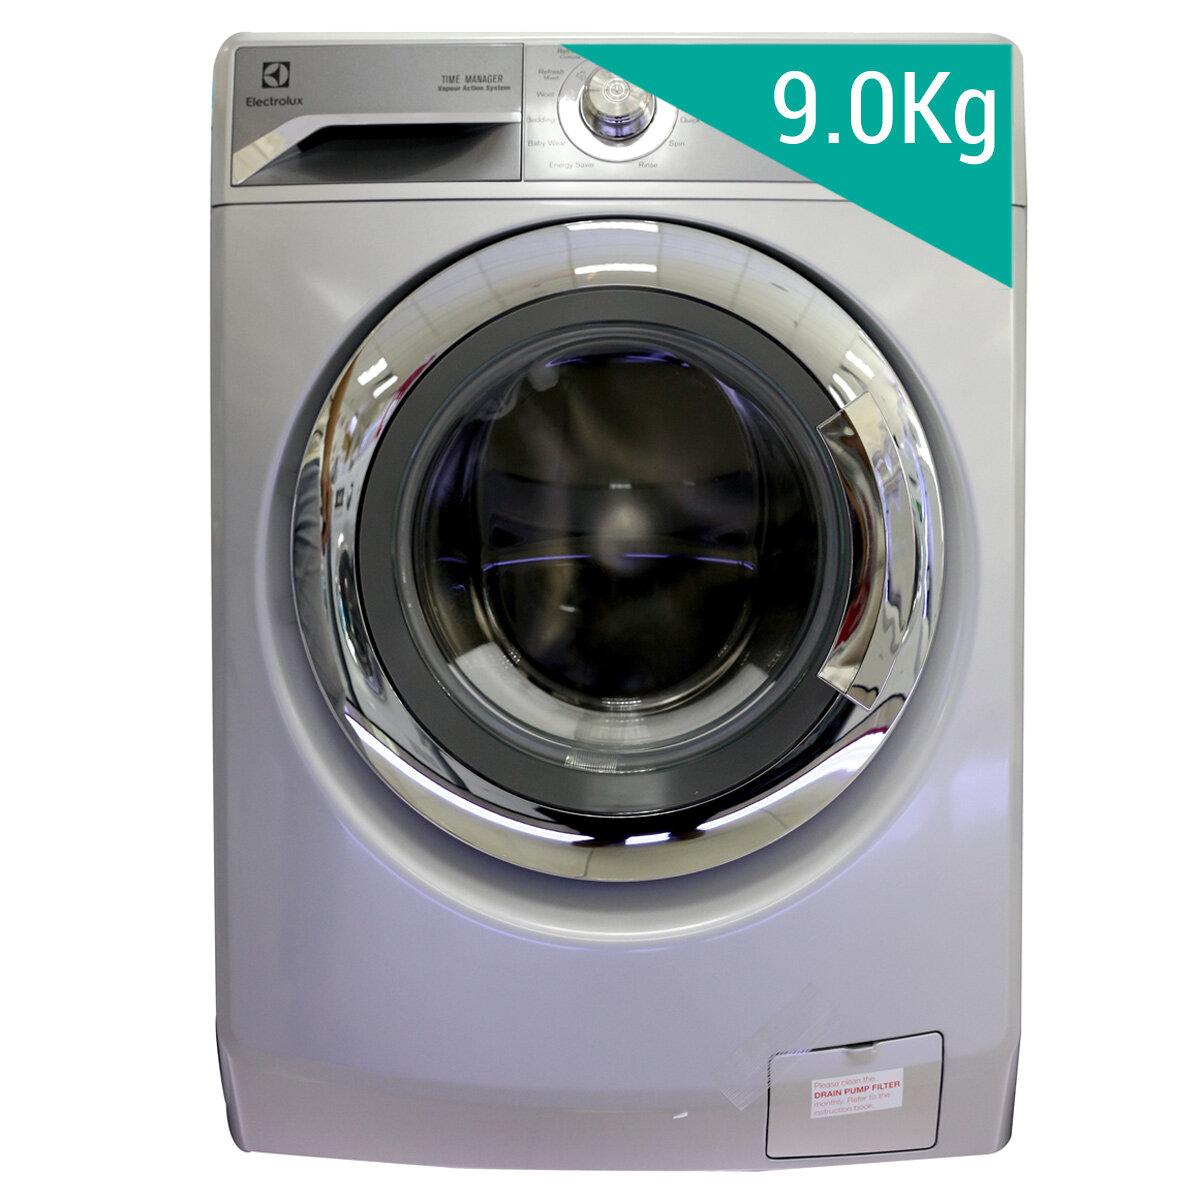 Giá máy giặt Electrolux 9kg lồng ngang  bao nhiêu tiền?